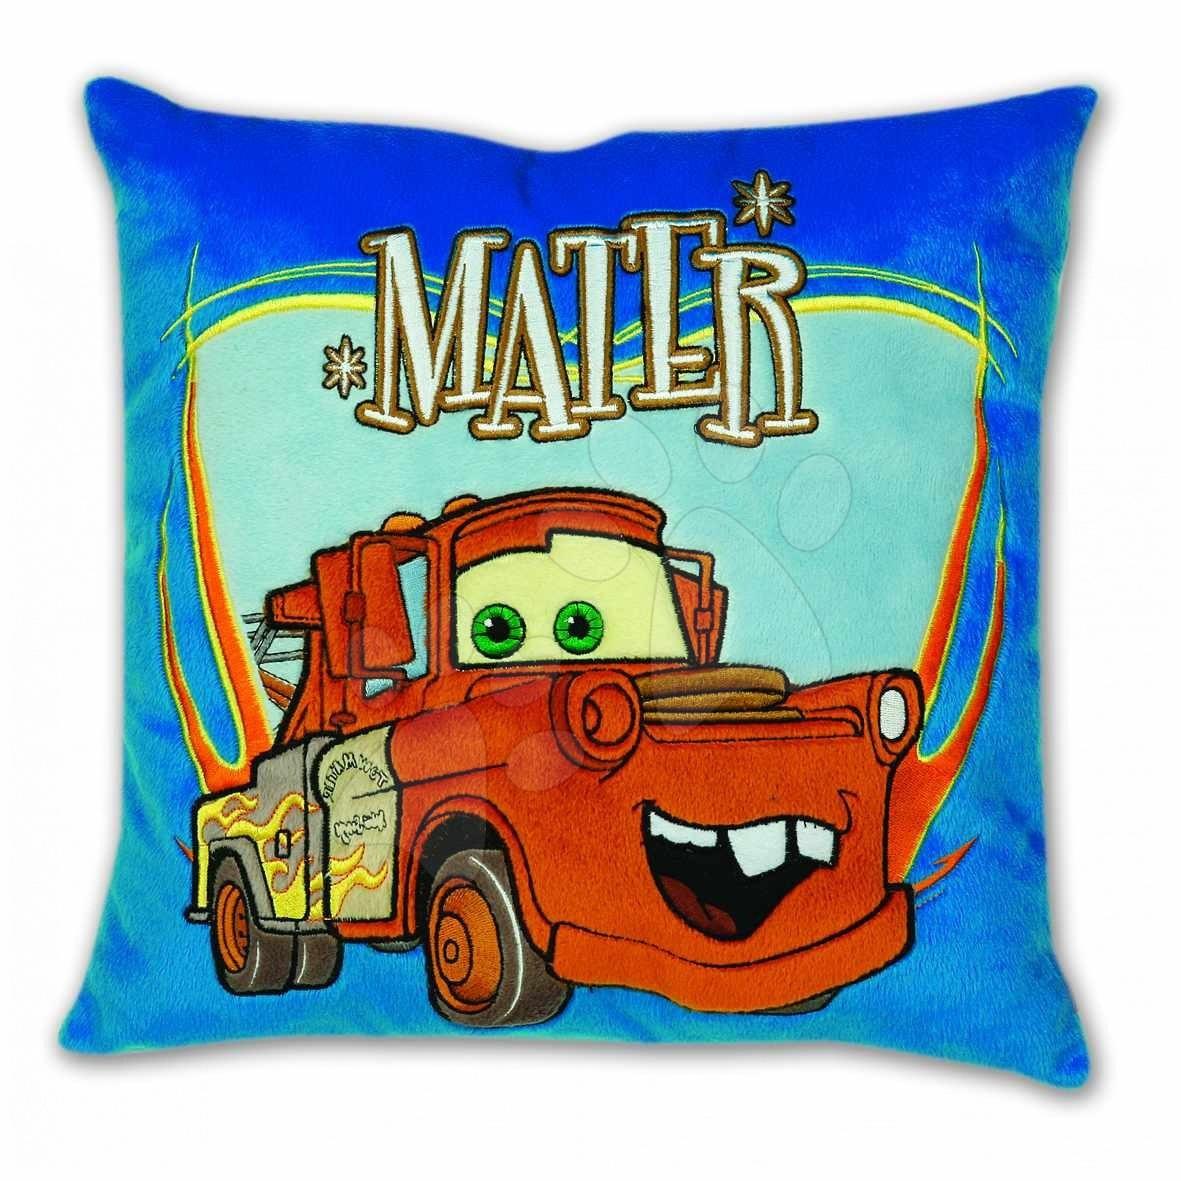 Plyšové polštáře - Polštář WD Auta Tow Mater Ilanit 36*36 cm